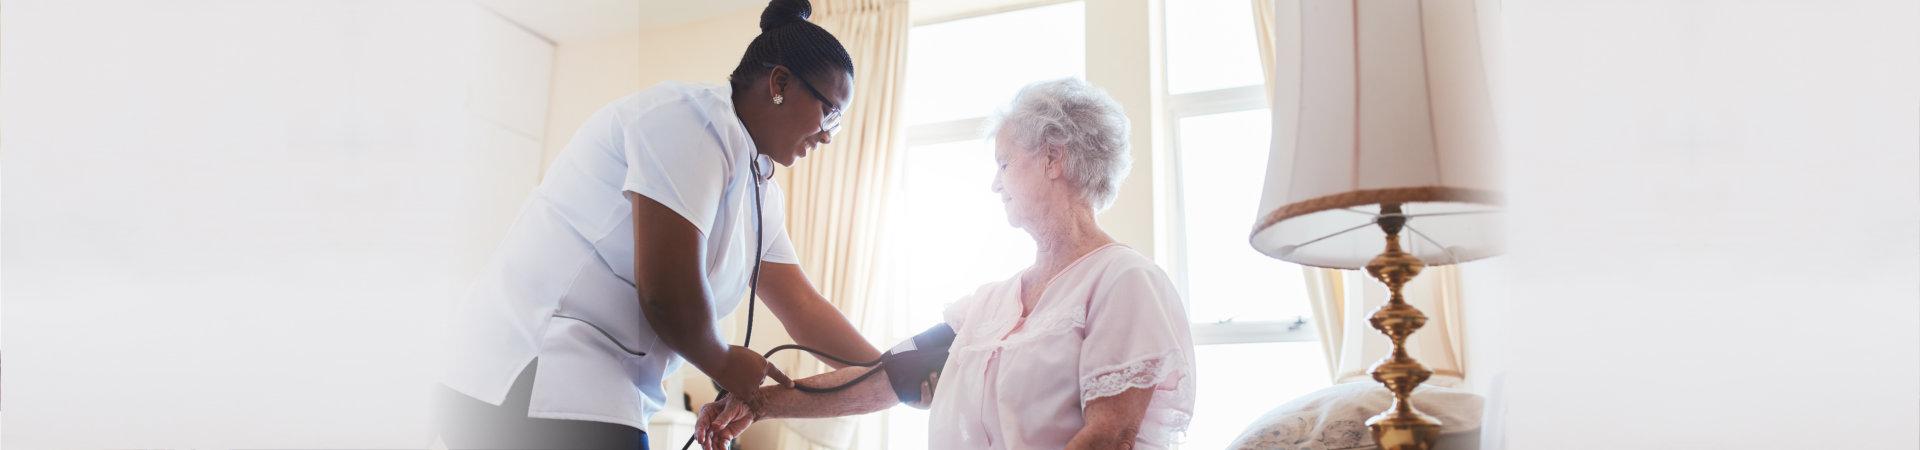 nurse doing blood pressure measurement of a senior woman patient